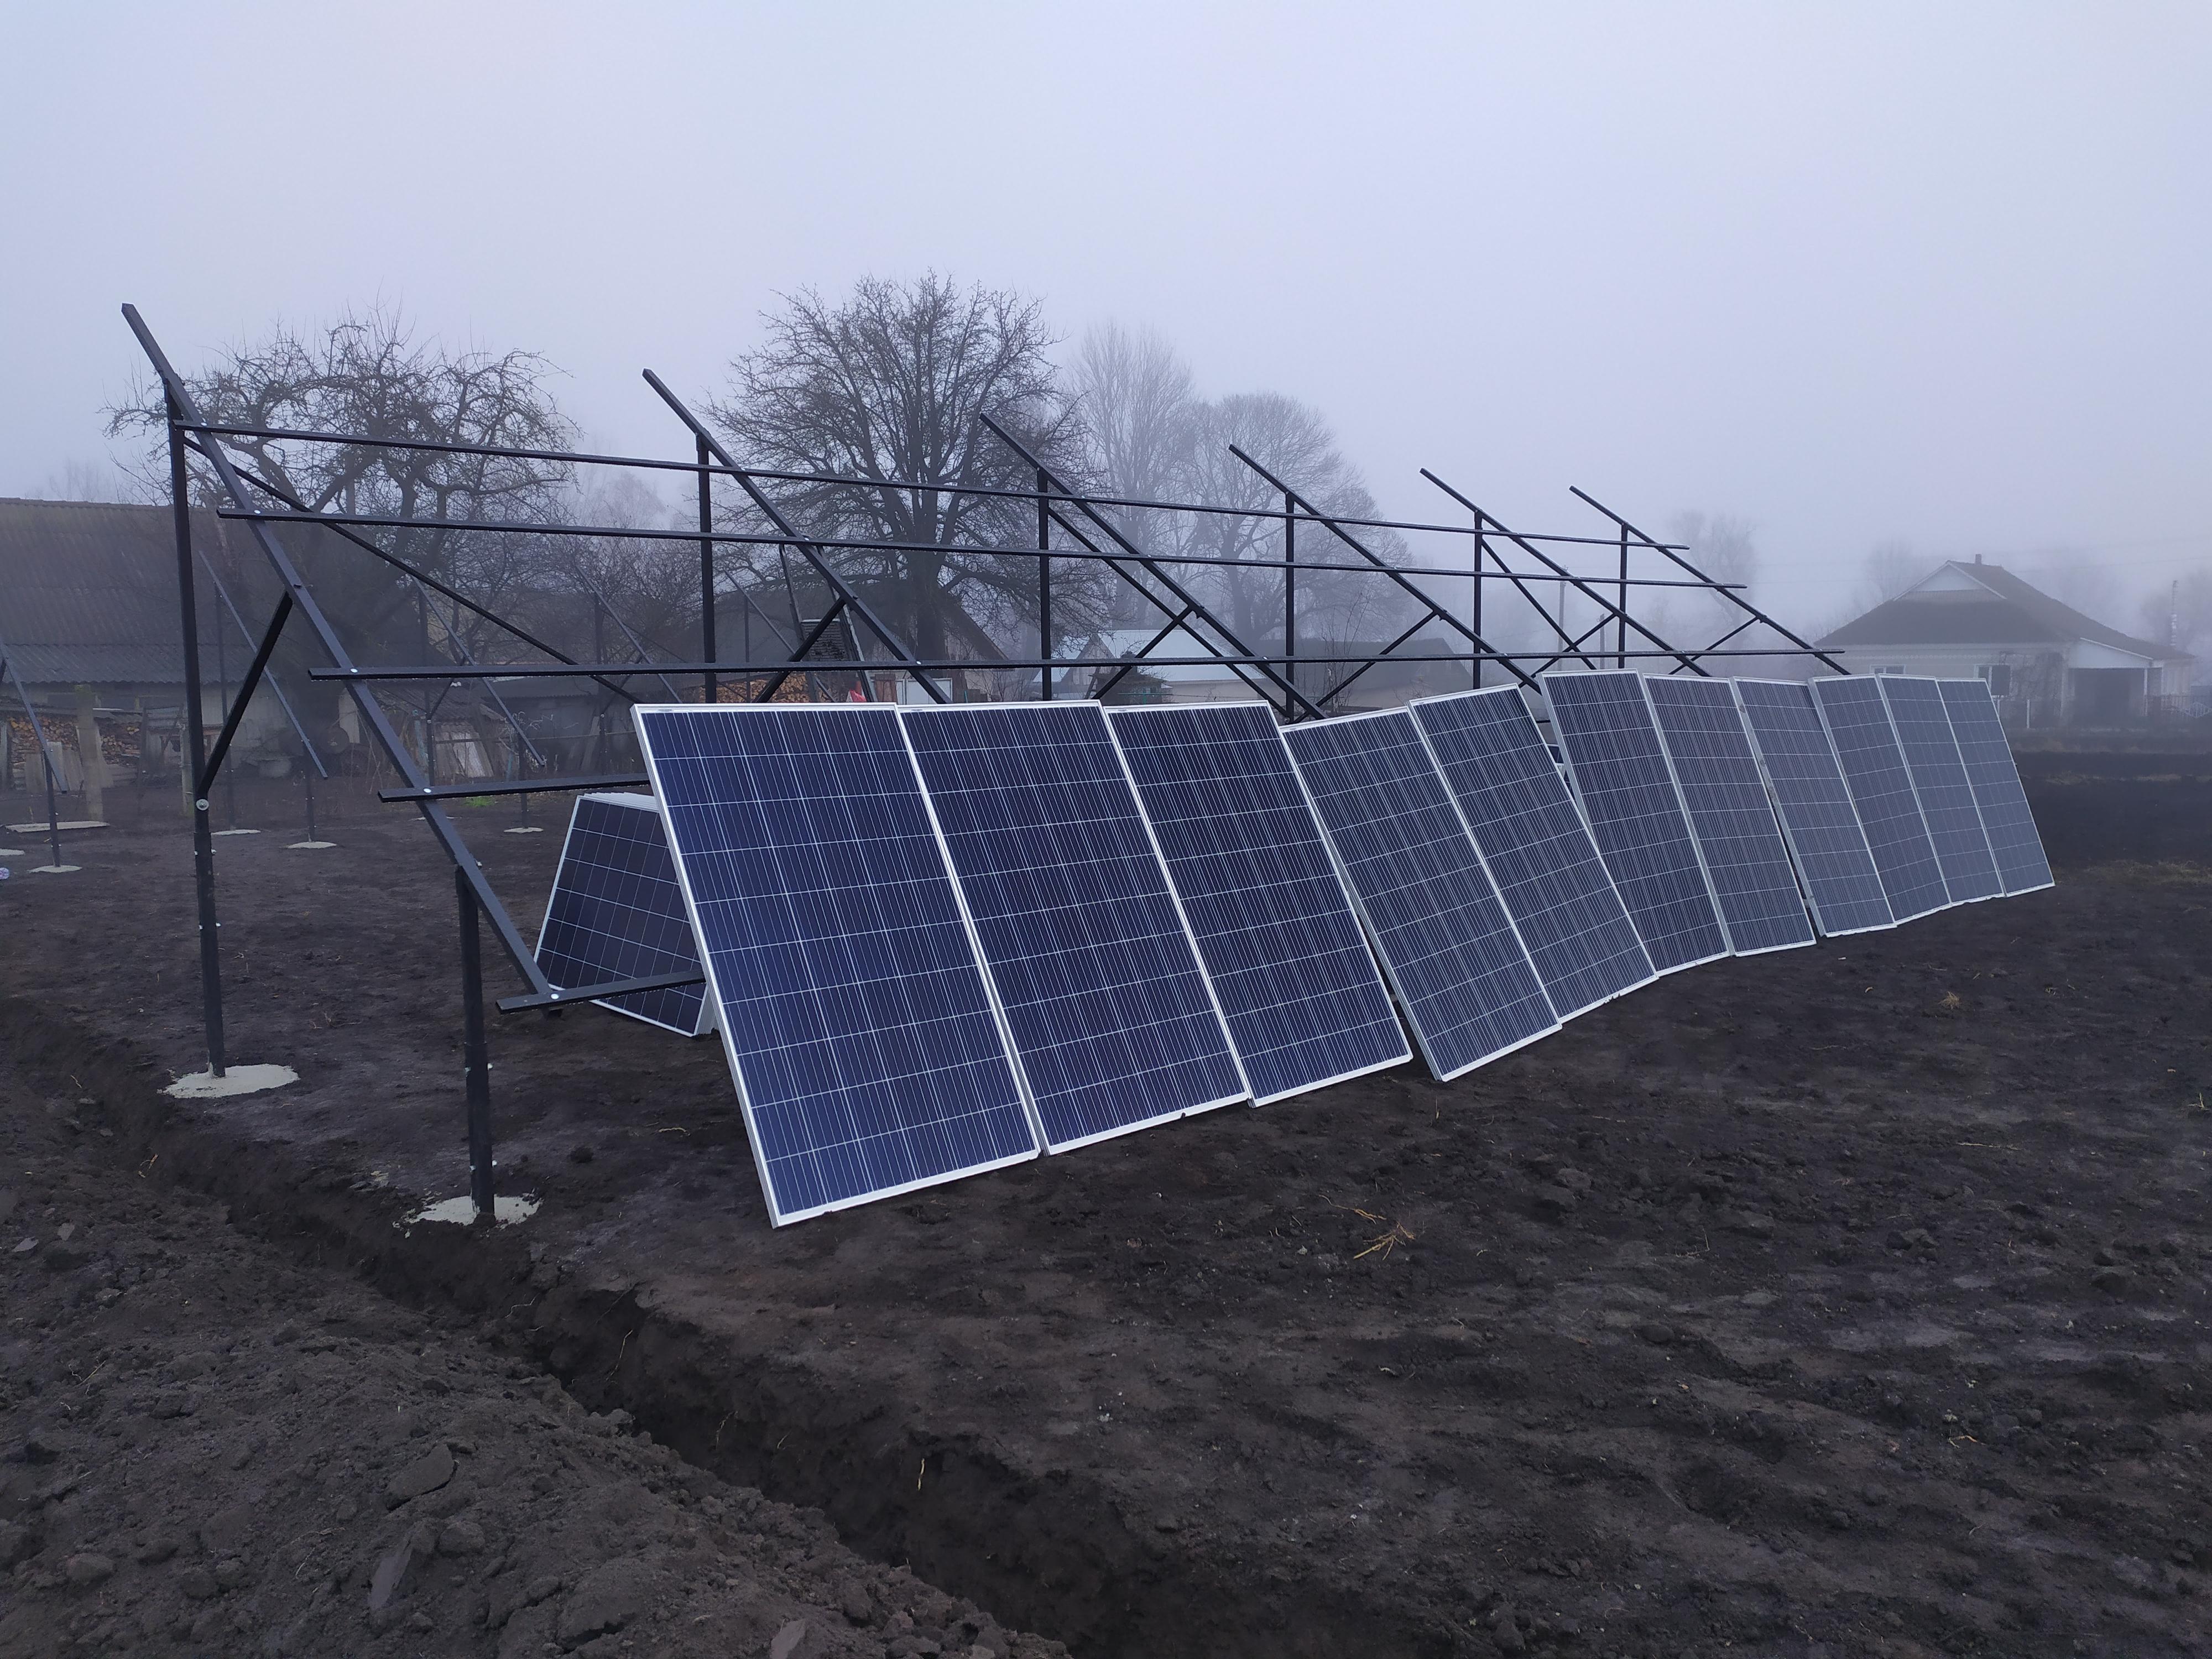 Металоконструкції для сонячних панелей на землі (наземна система кріплень)